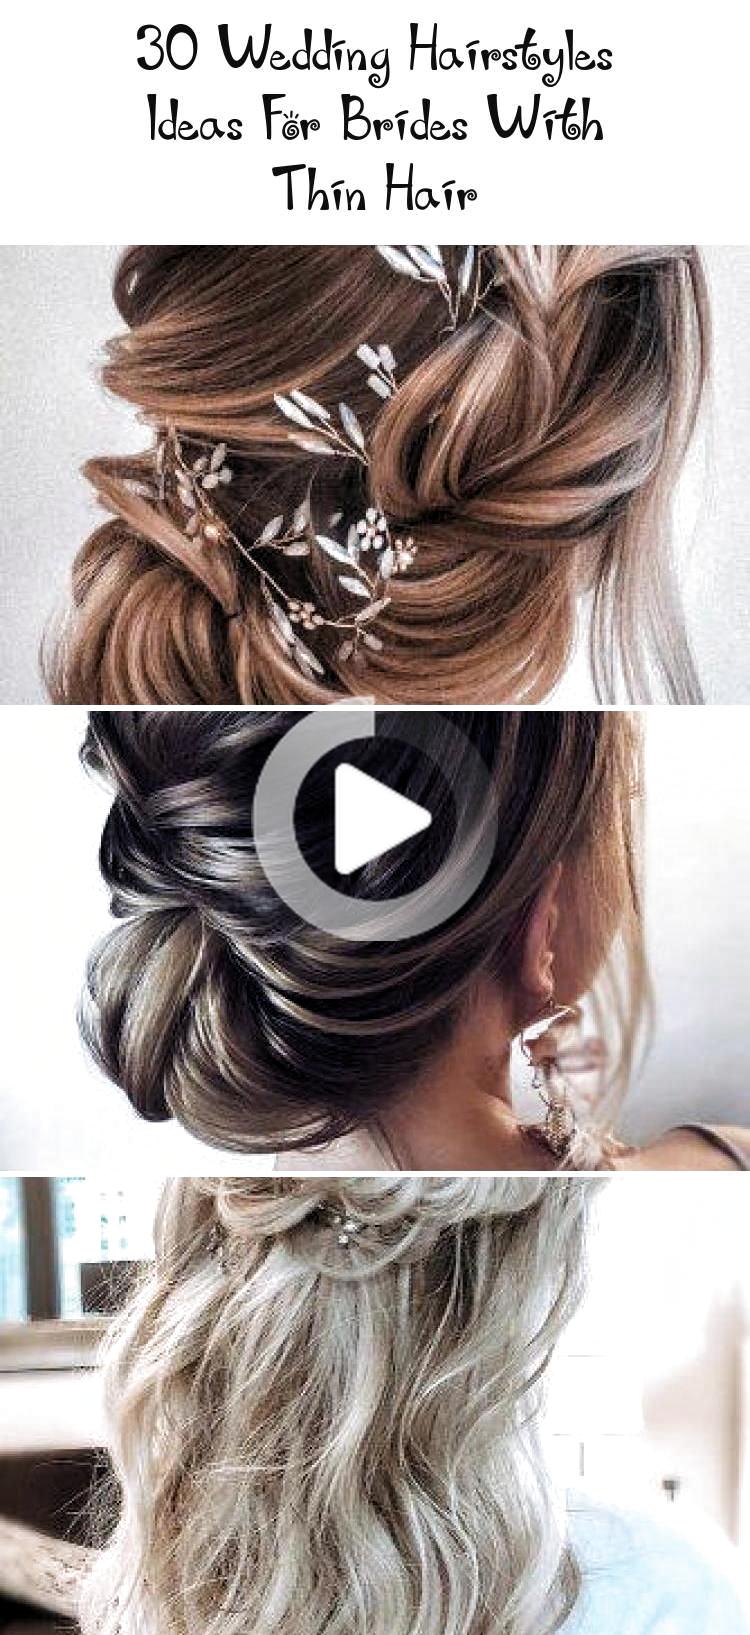 10 Ideen Frisuren für Bräute mit dünnen Haaren Hochzeit Frisuren